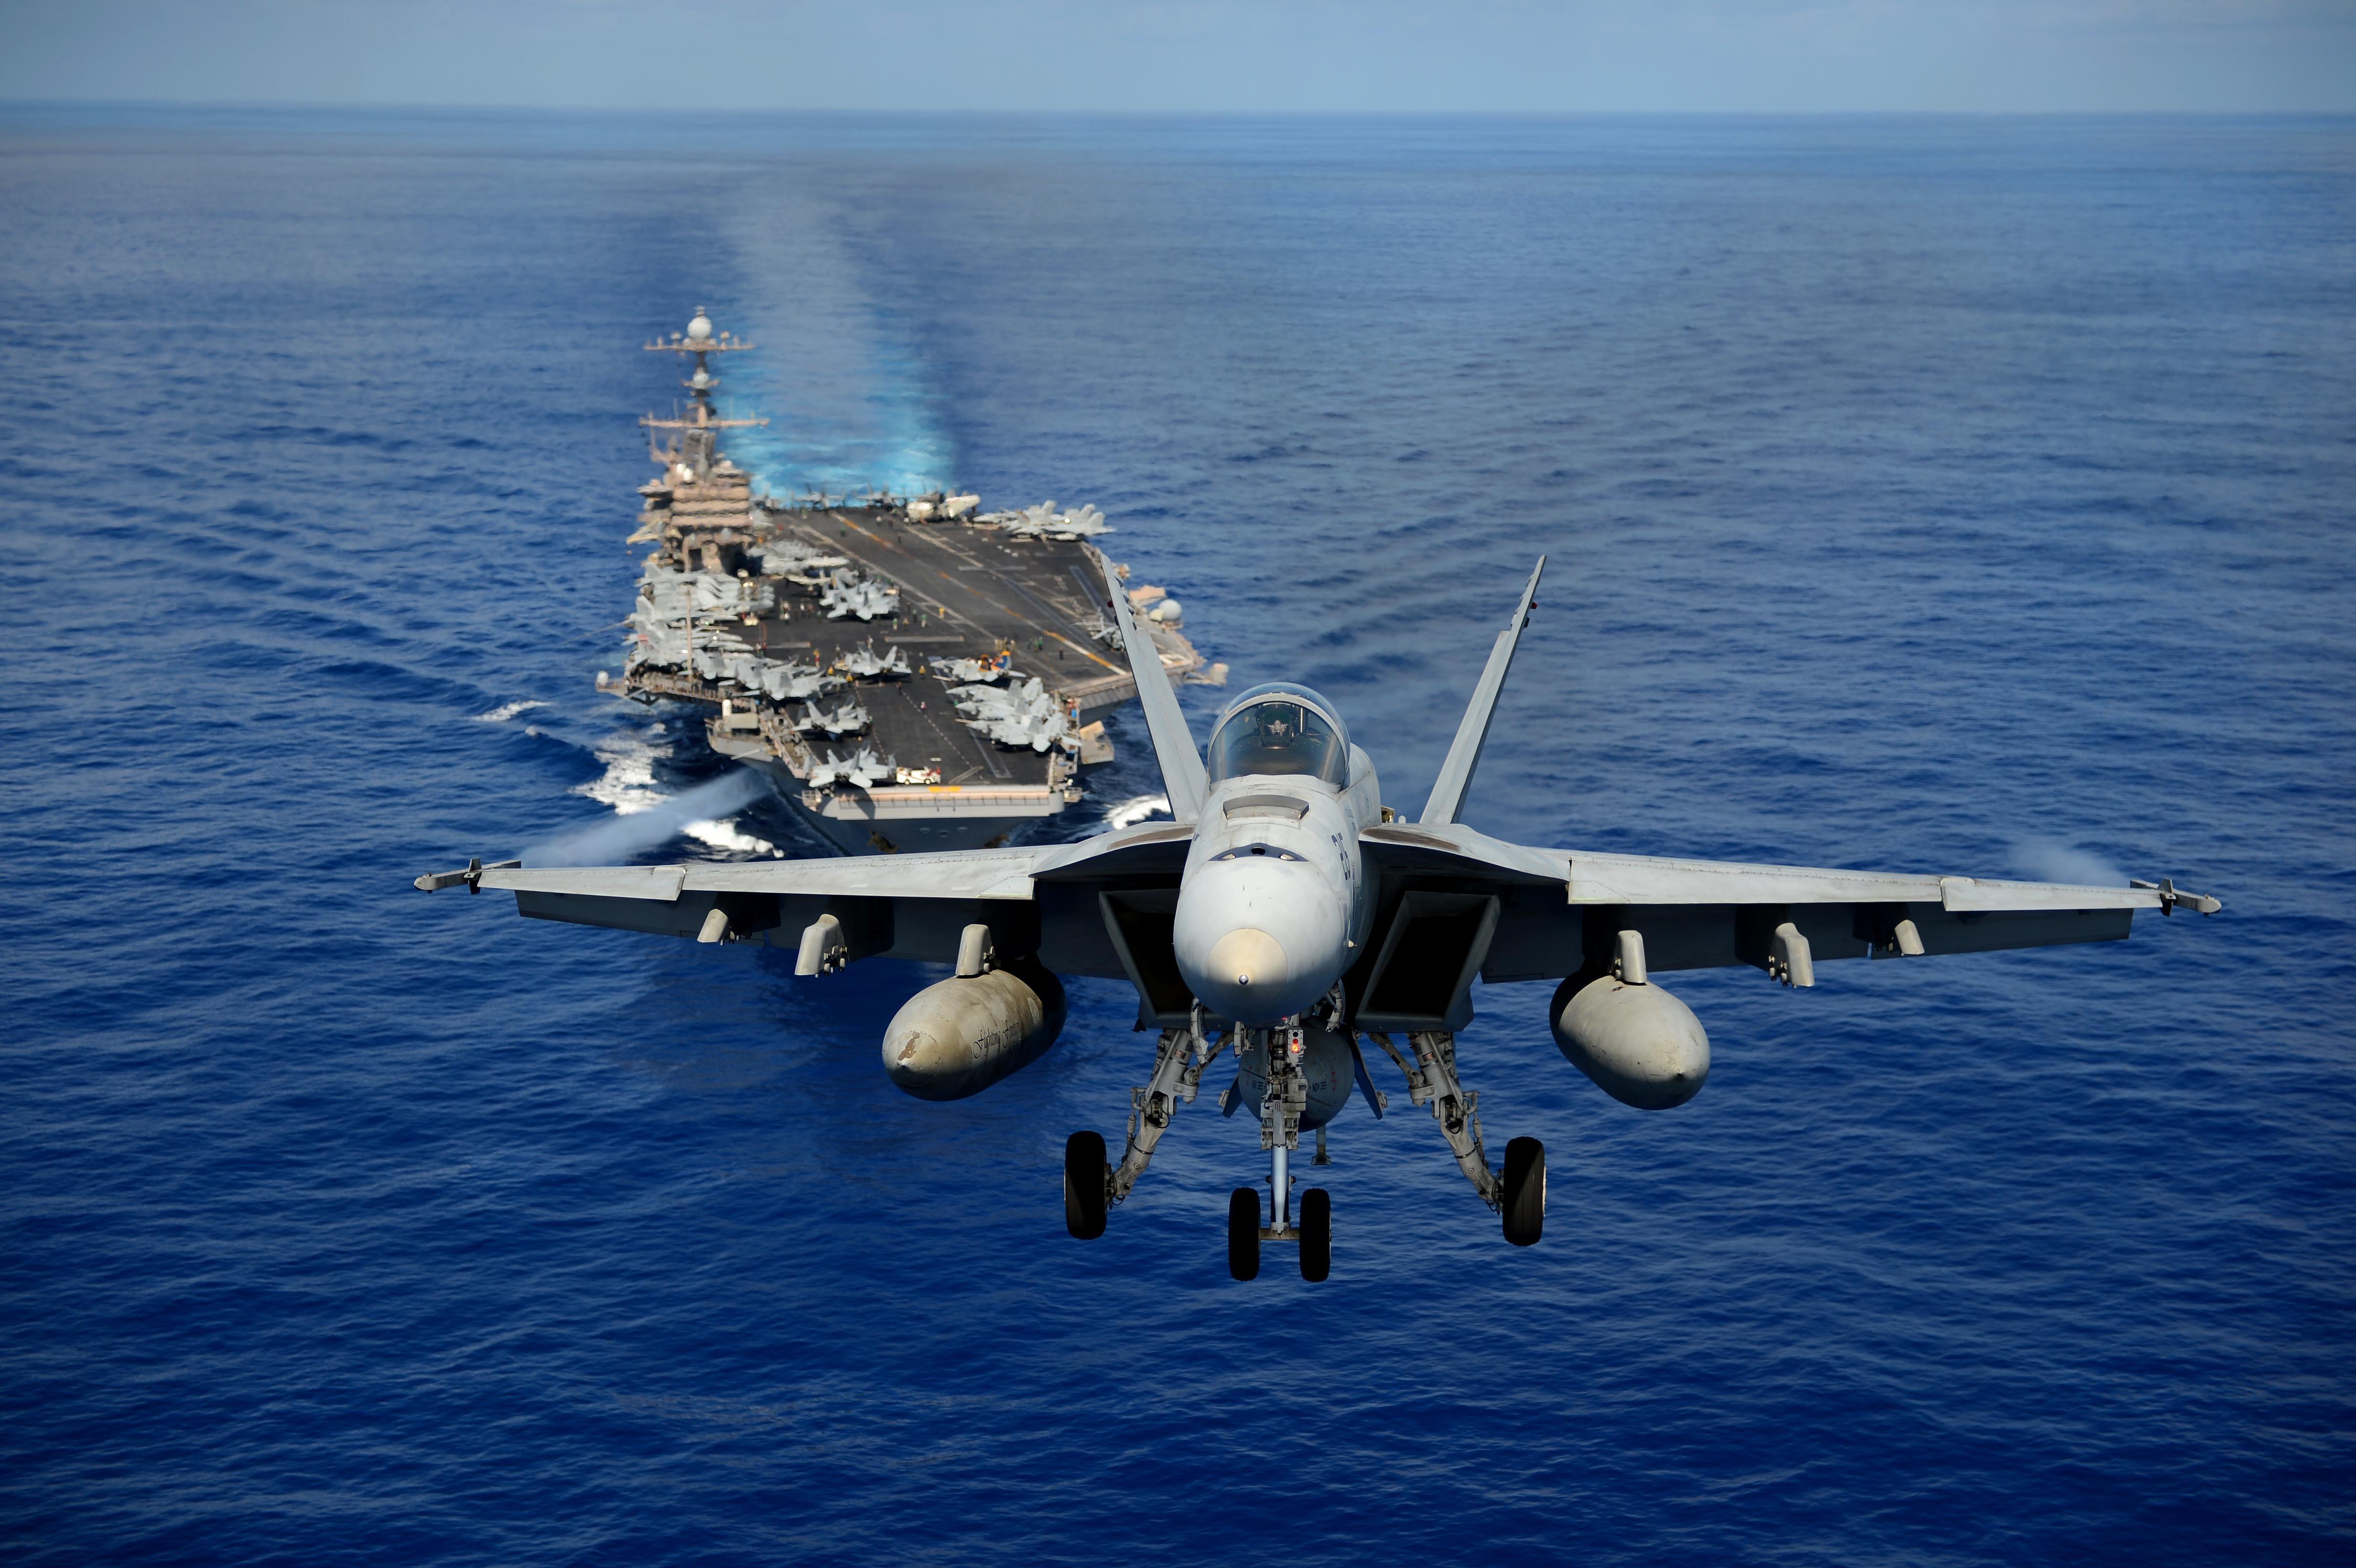 Caça americano cai no mar no sudoeste do Japão, sem deixar vítimas